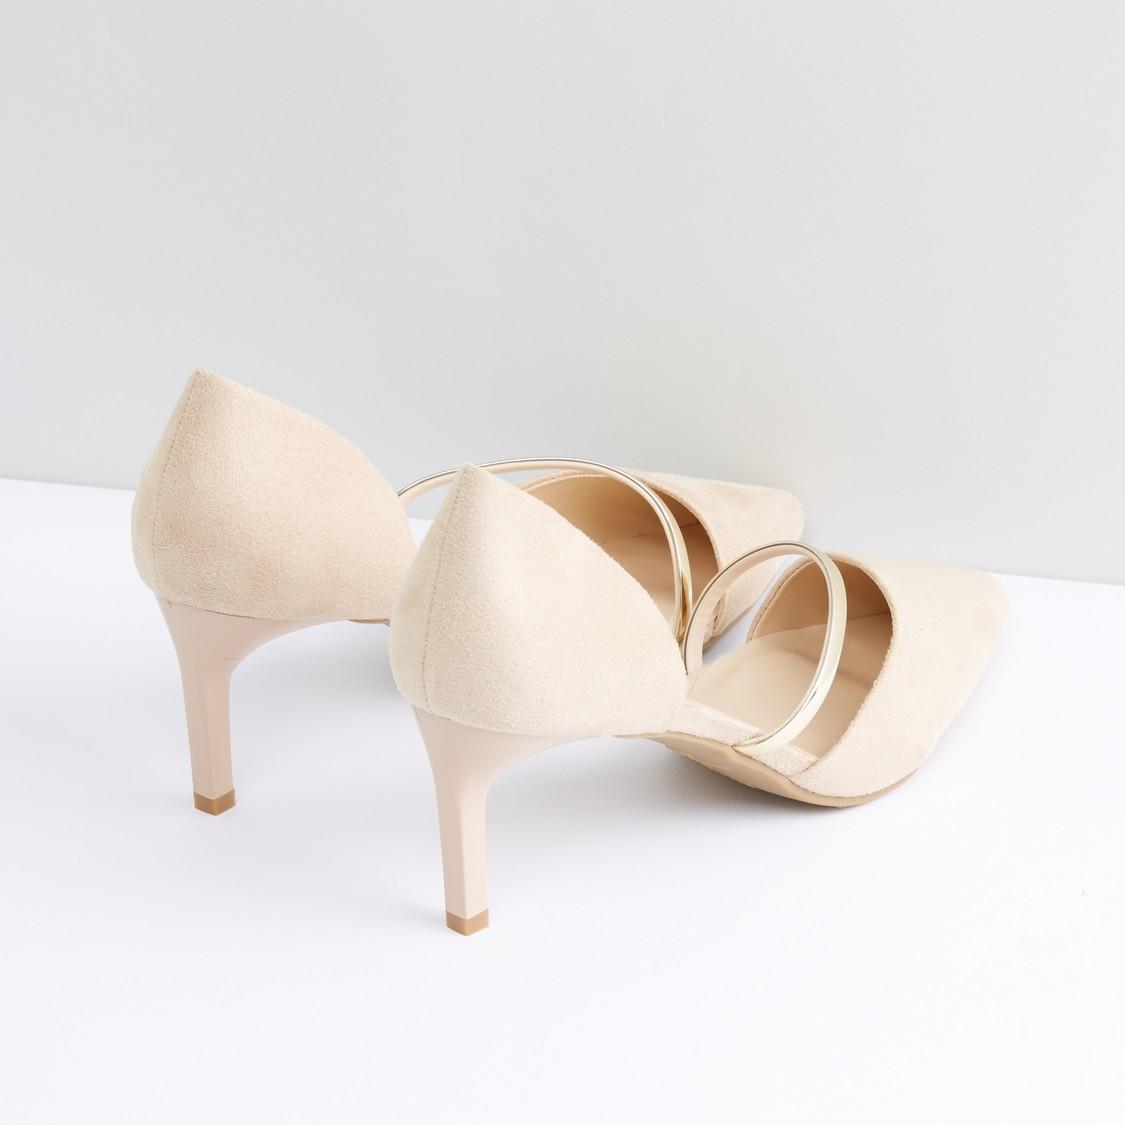 Stiletto Heel Pumps with Strap Detail